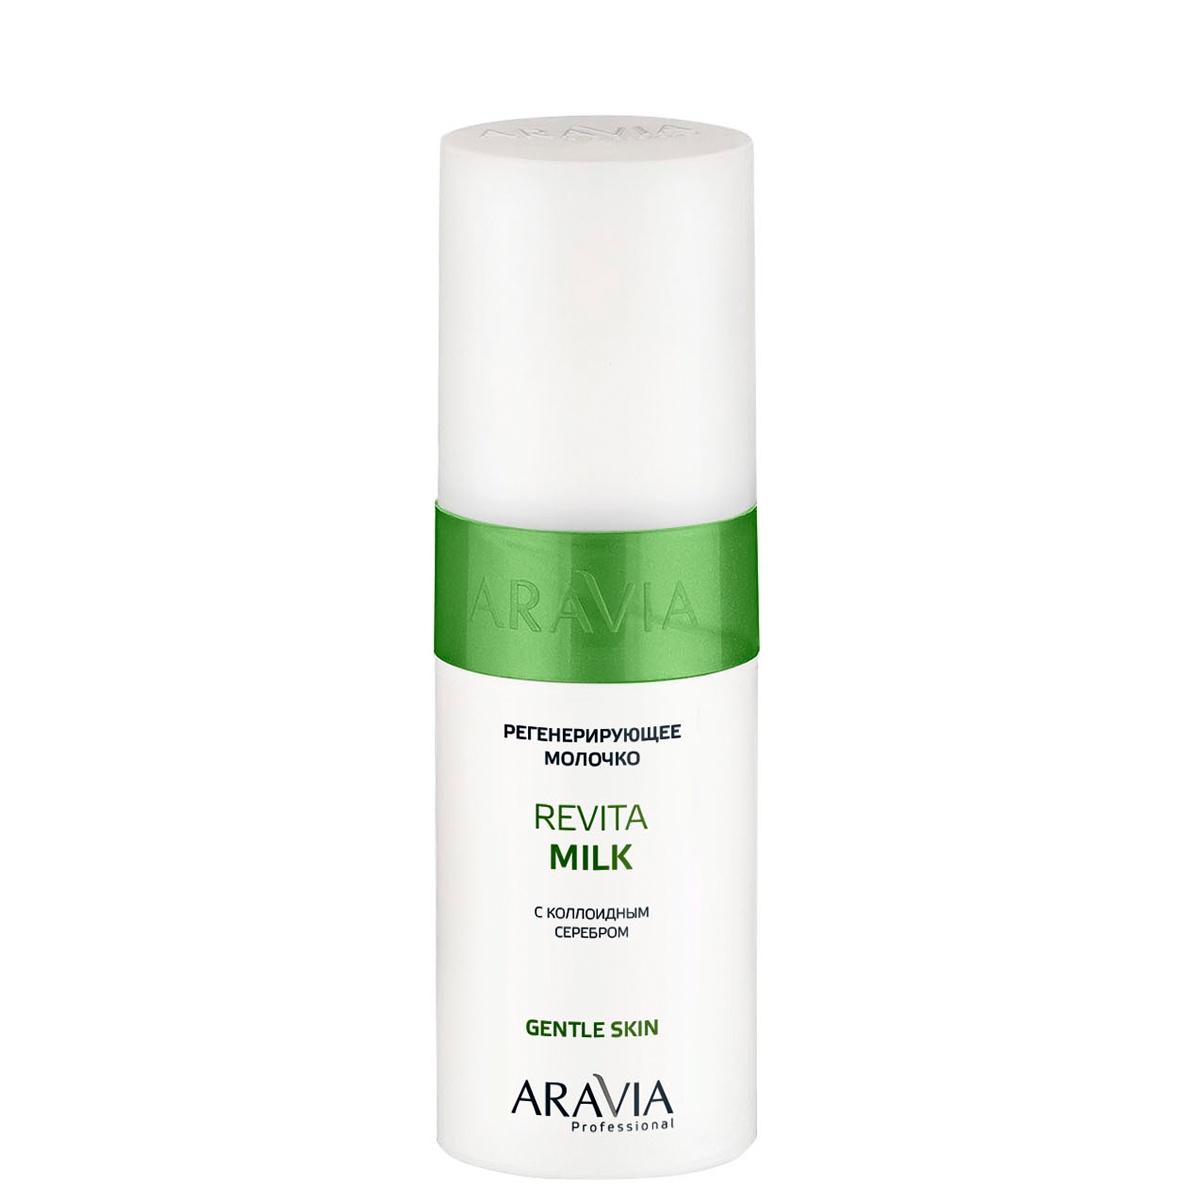 Молочко для лица и тела регенерирующее с коллоидным серебром Revita Milk, 150 мл, ARAVIA Professional